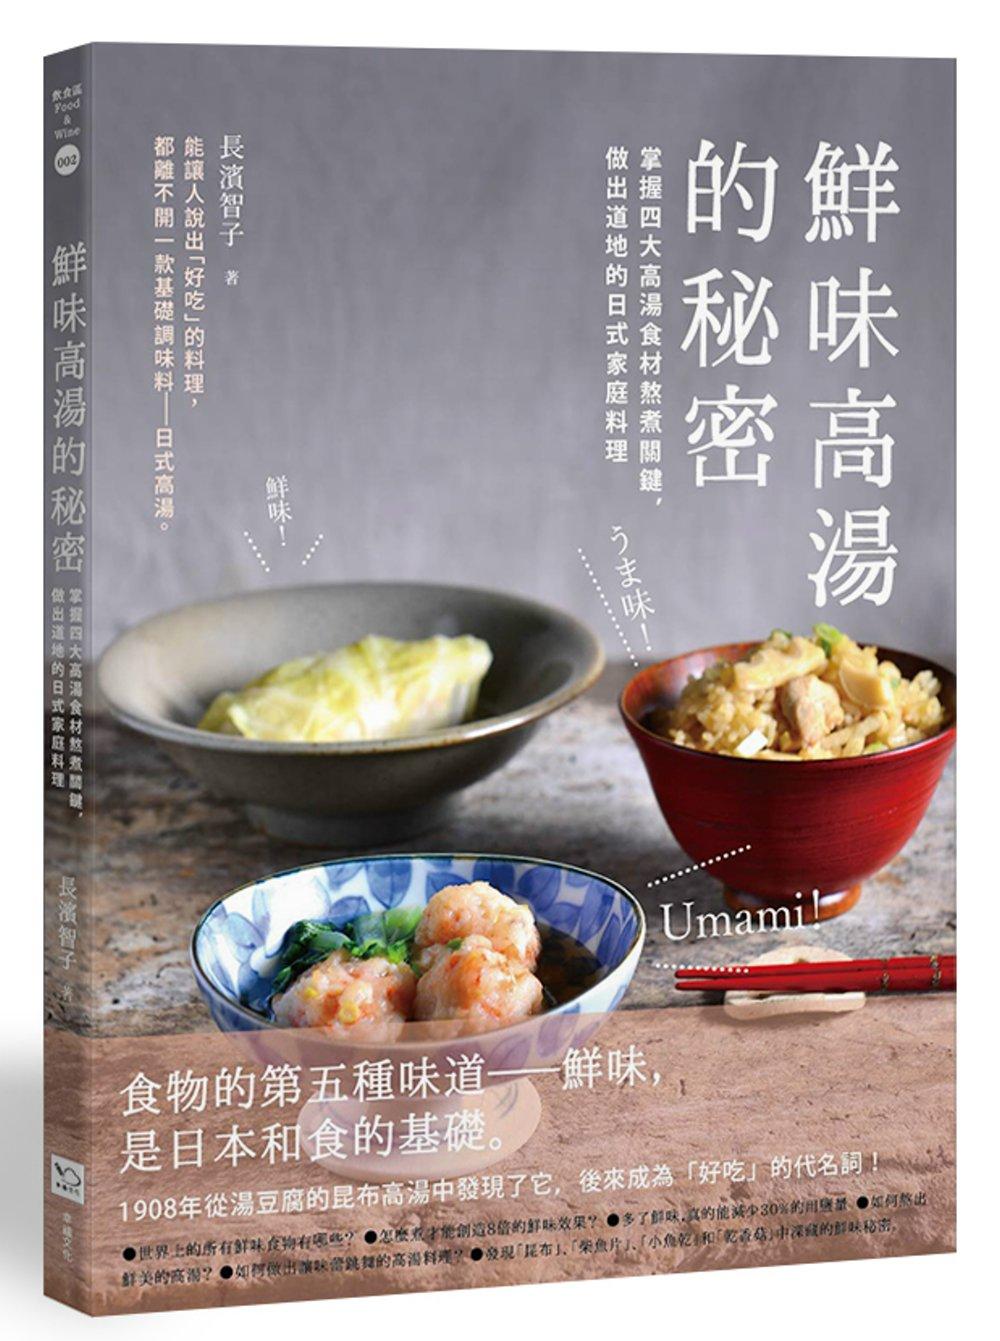 鮮味高湯的秘密:掌握四大高湯食材熬煮關鍵,做出道地的日式家庭料理